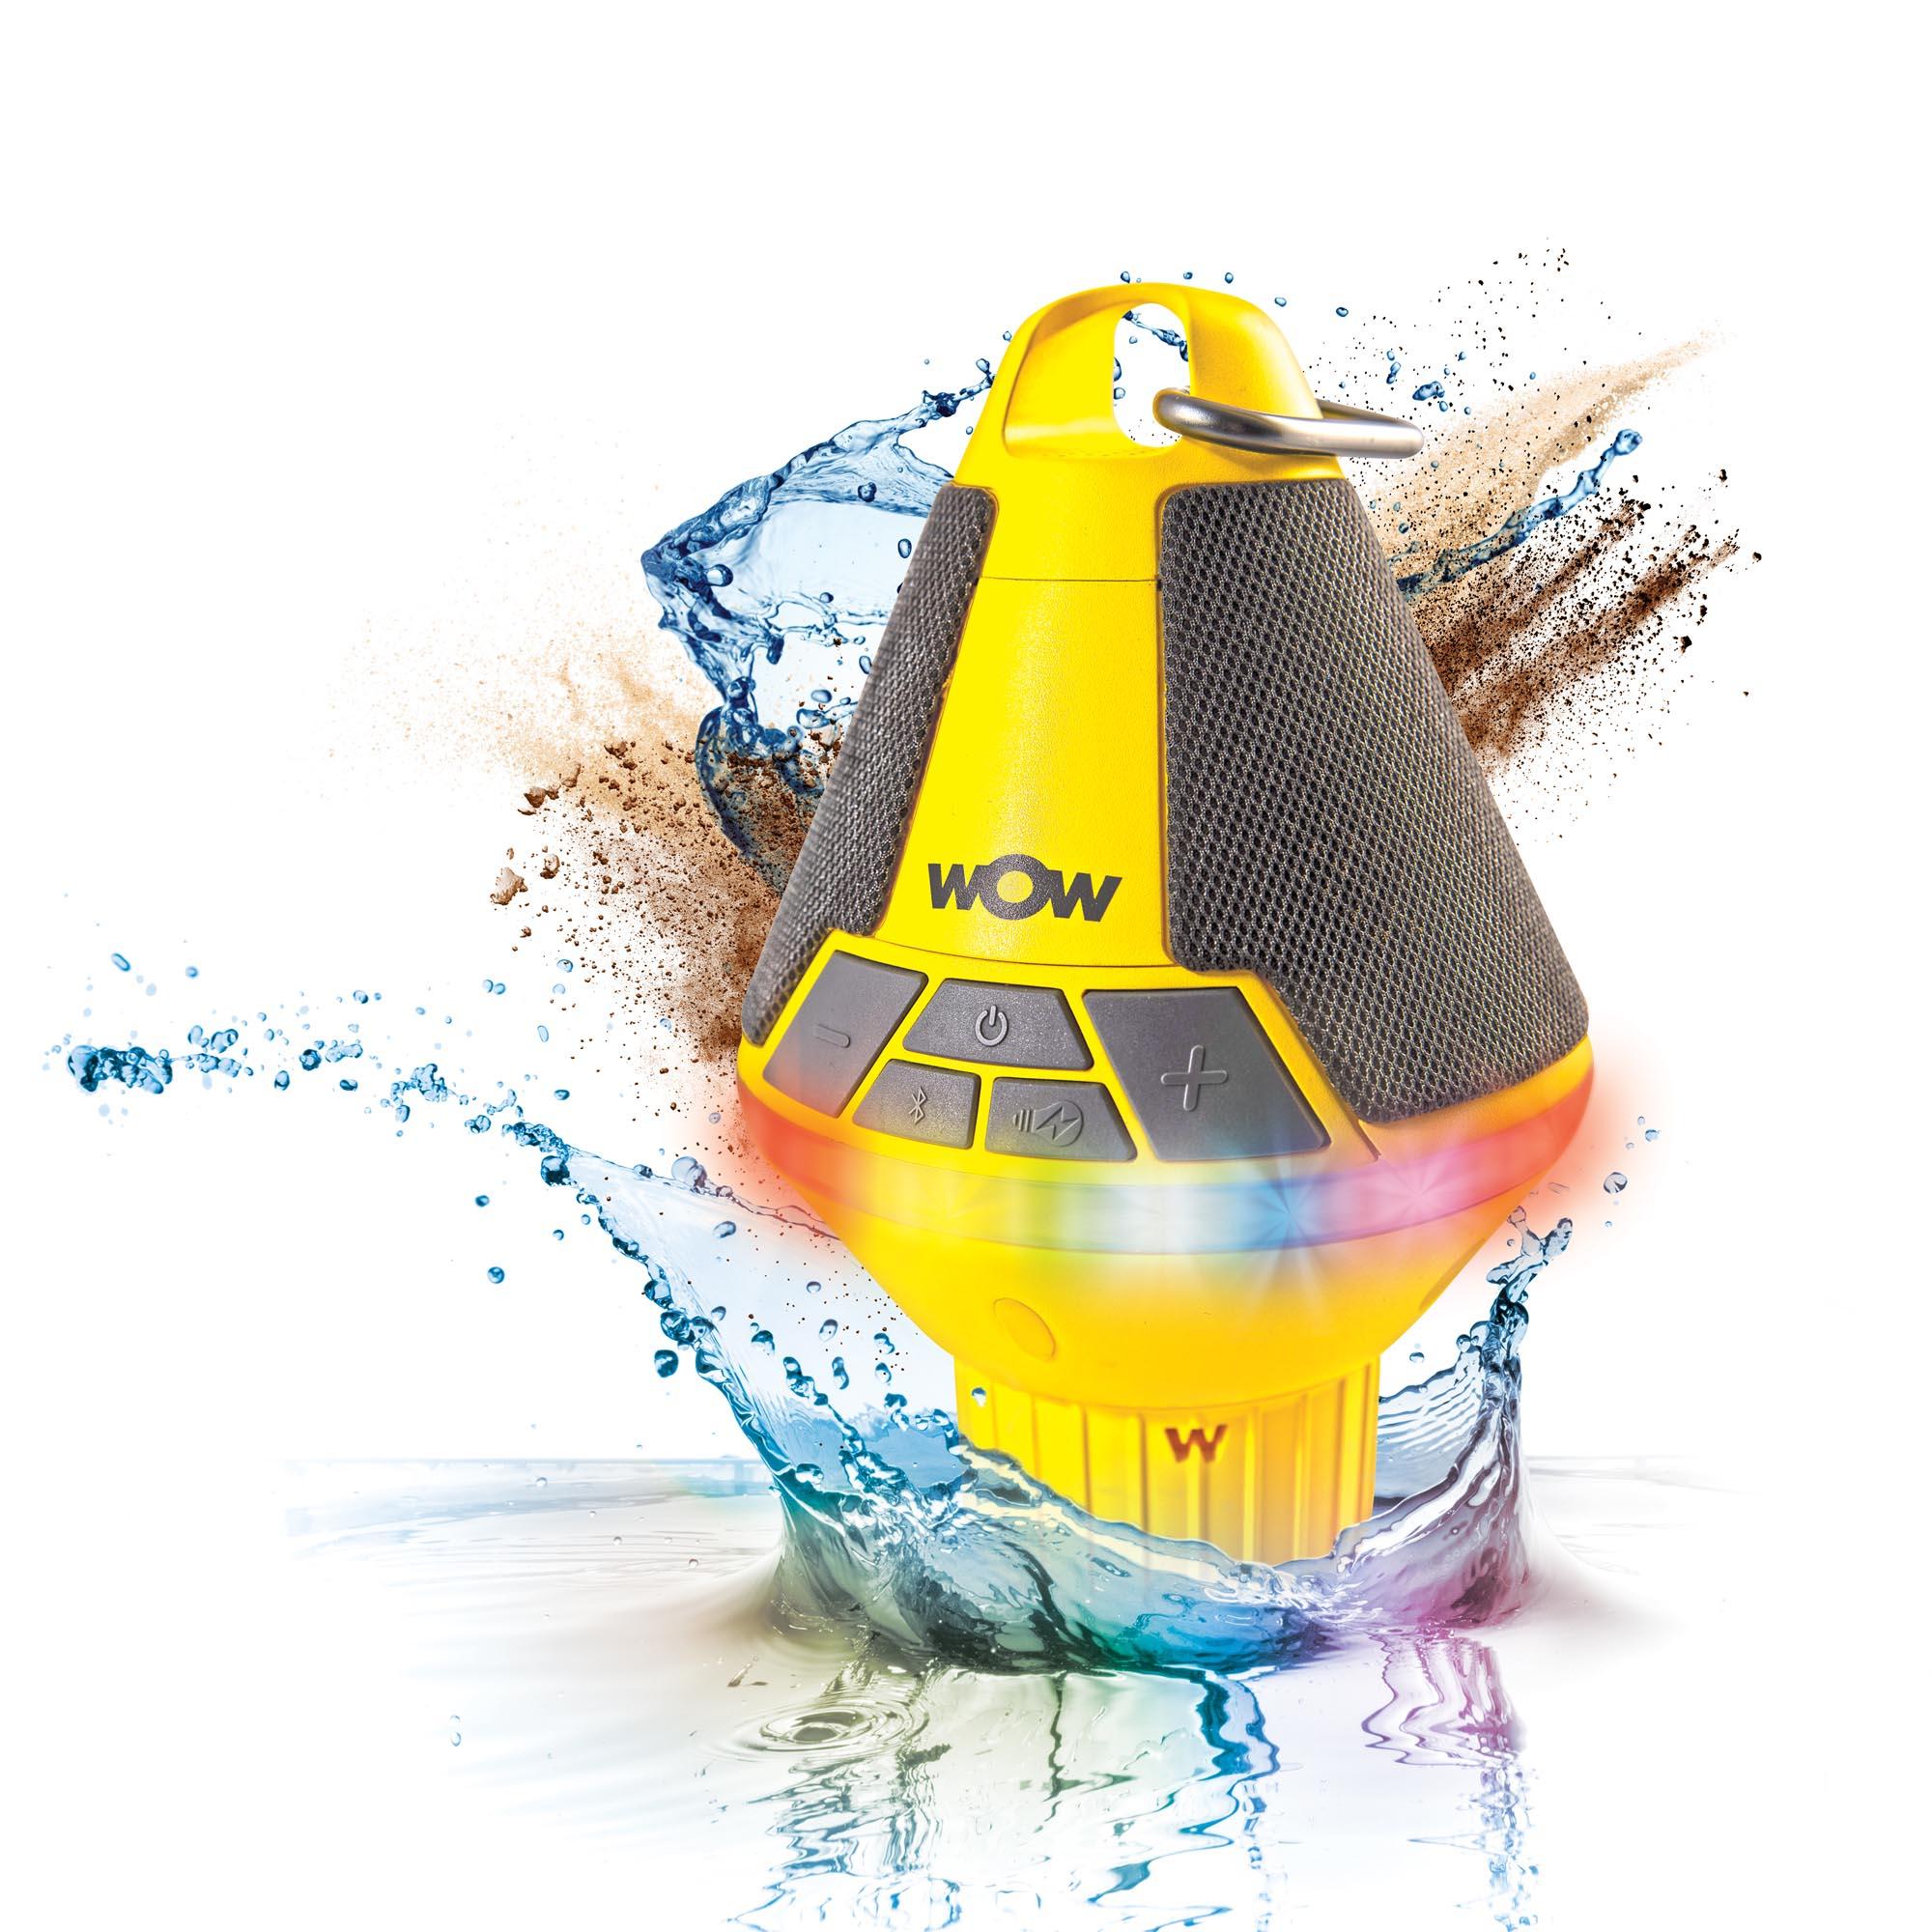 WOW-SOUND Buoy - Waterproof, Floating Speaker